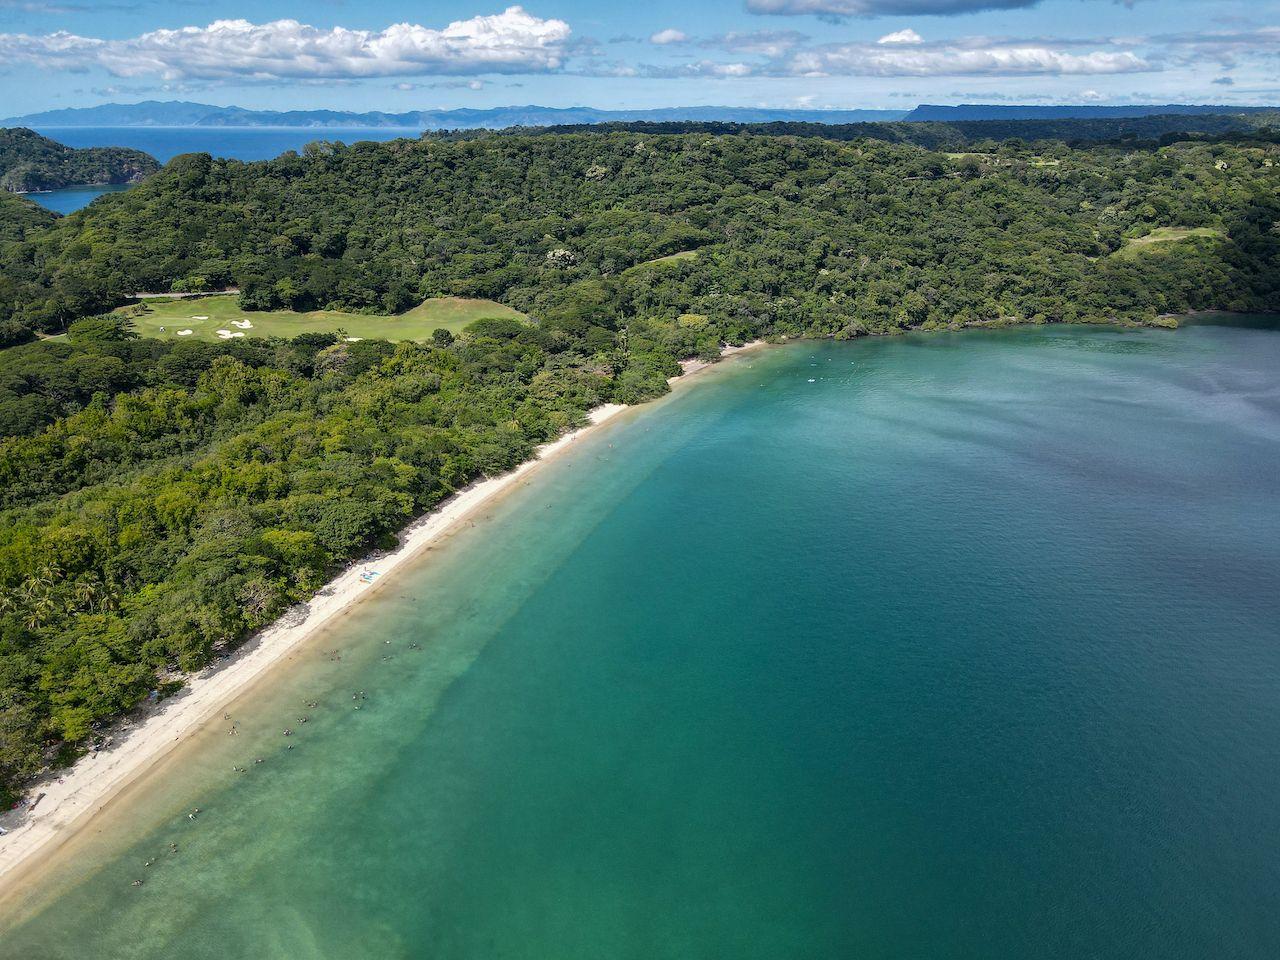 Playa Nacascolo at Peninsula Papagayo in Costa Rica